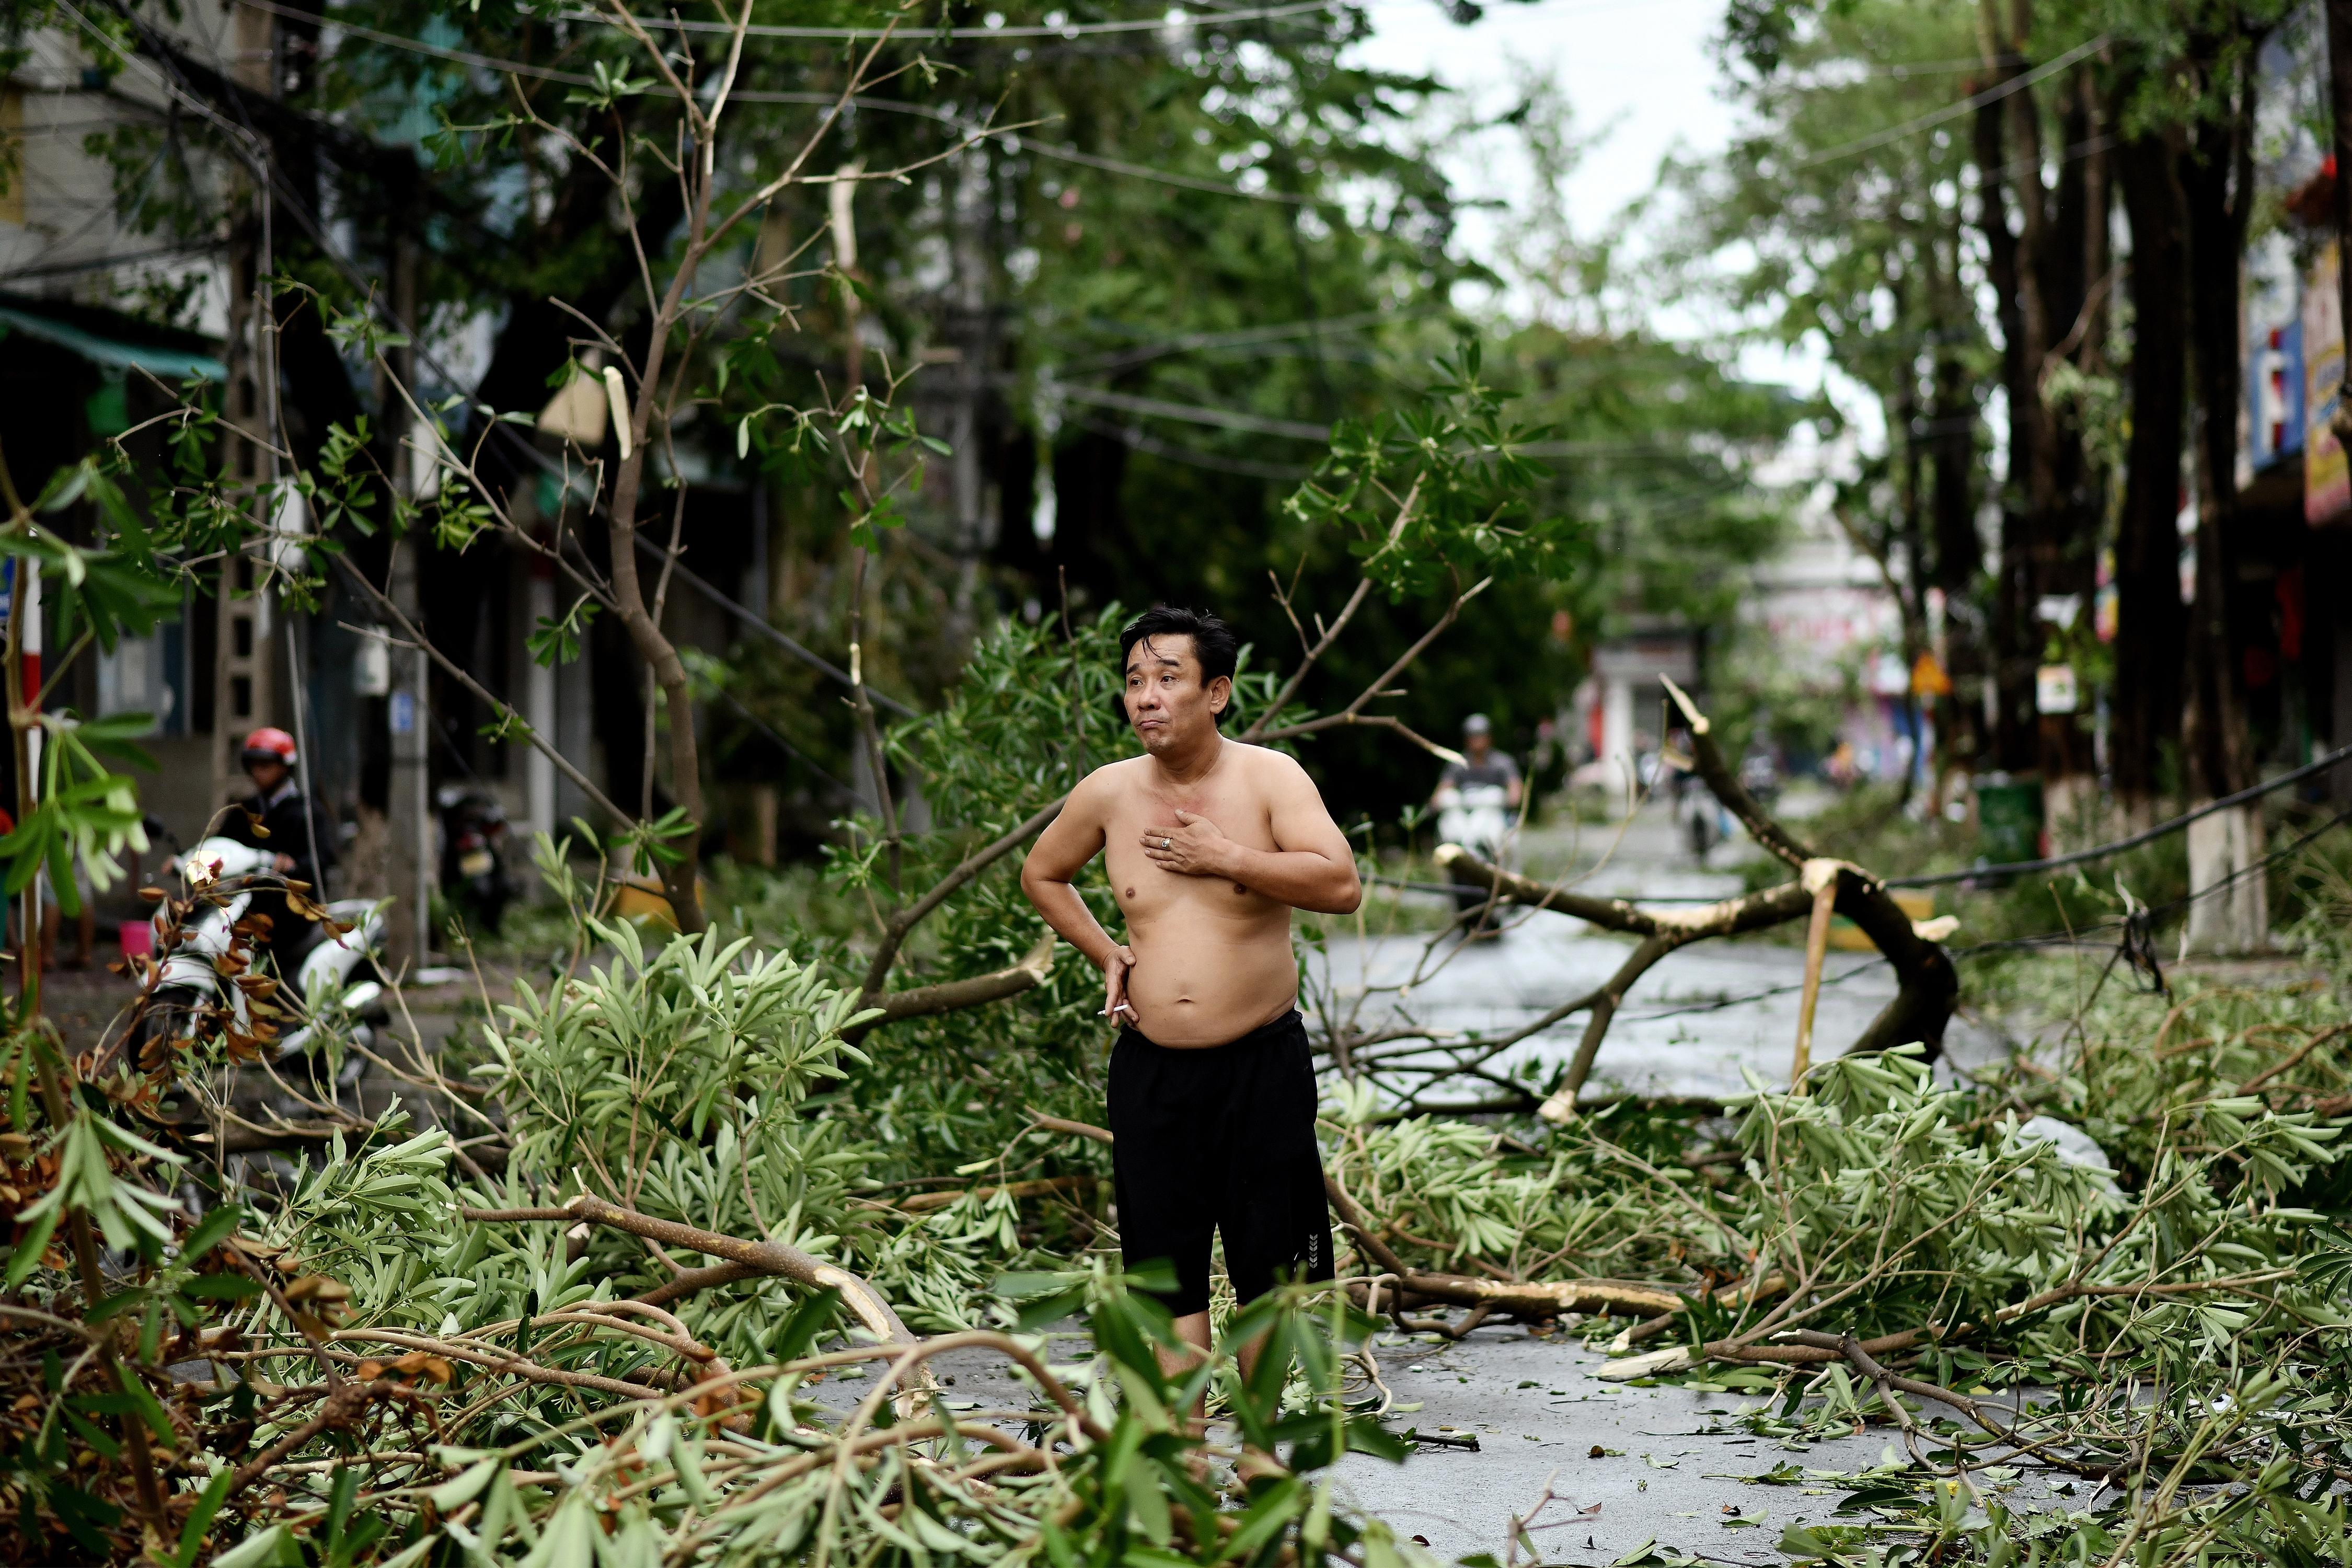 Legalább 13 ember halálát okozta Vietnamban a Molave tájfun